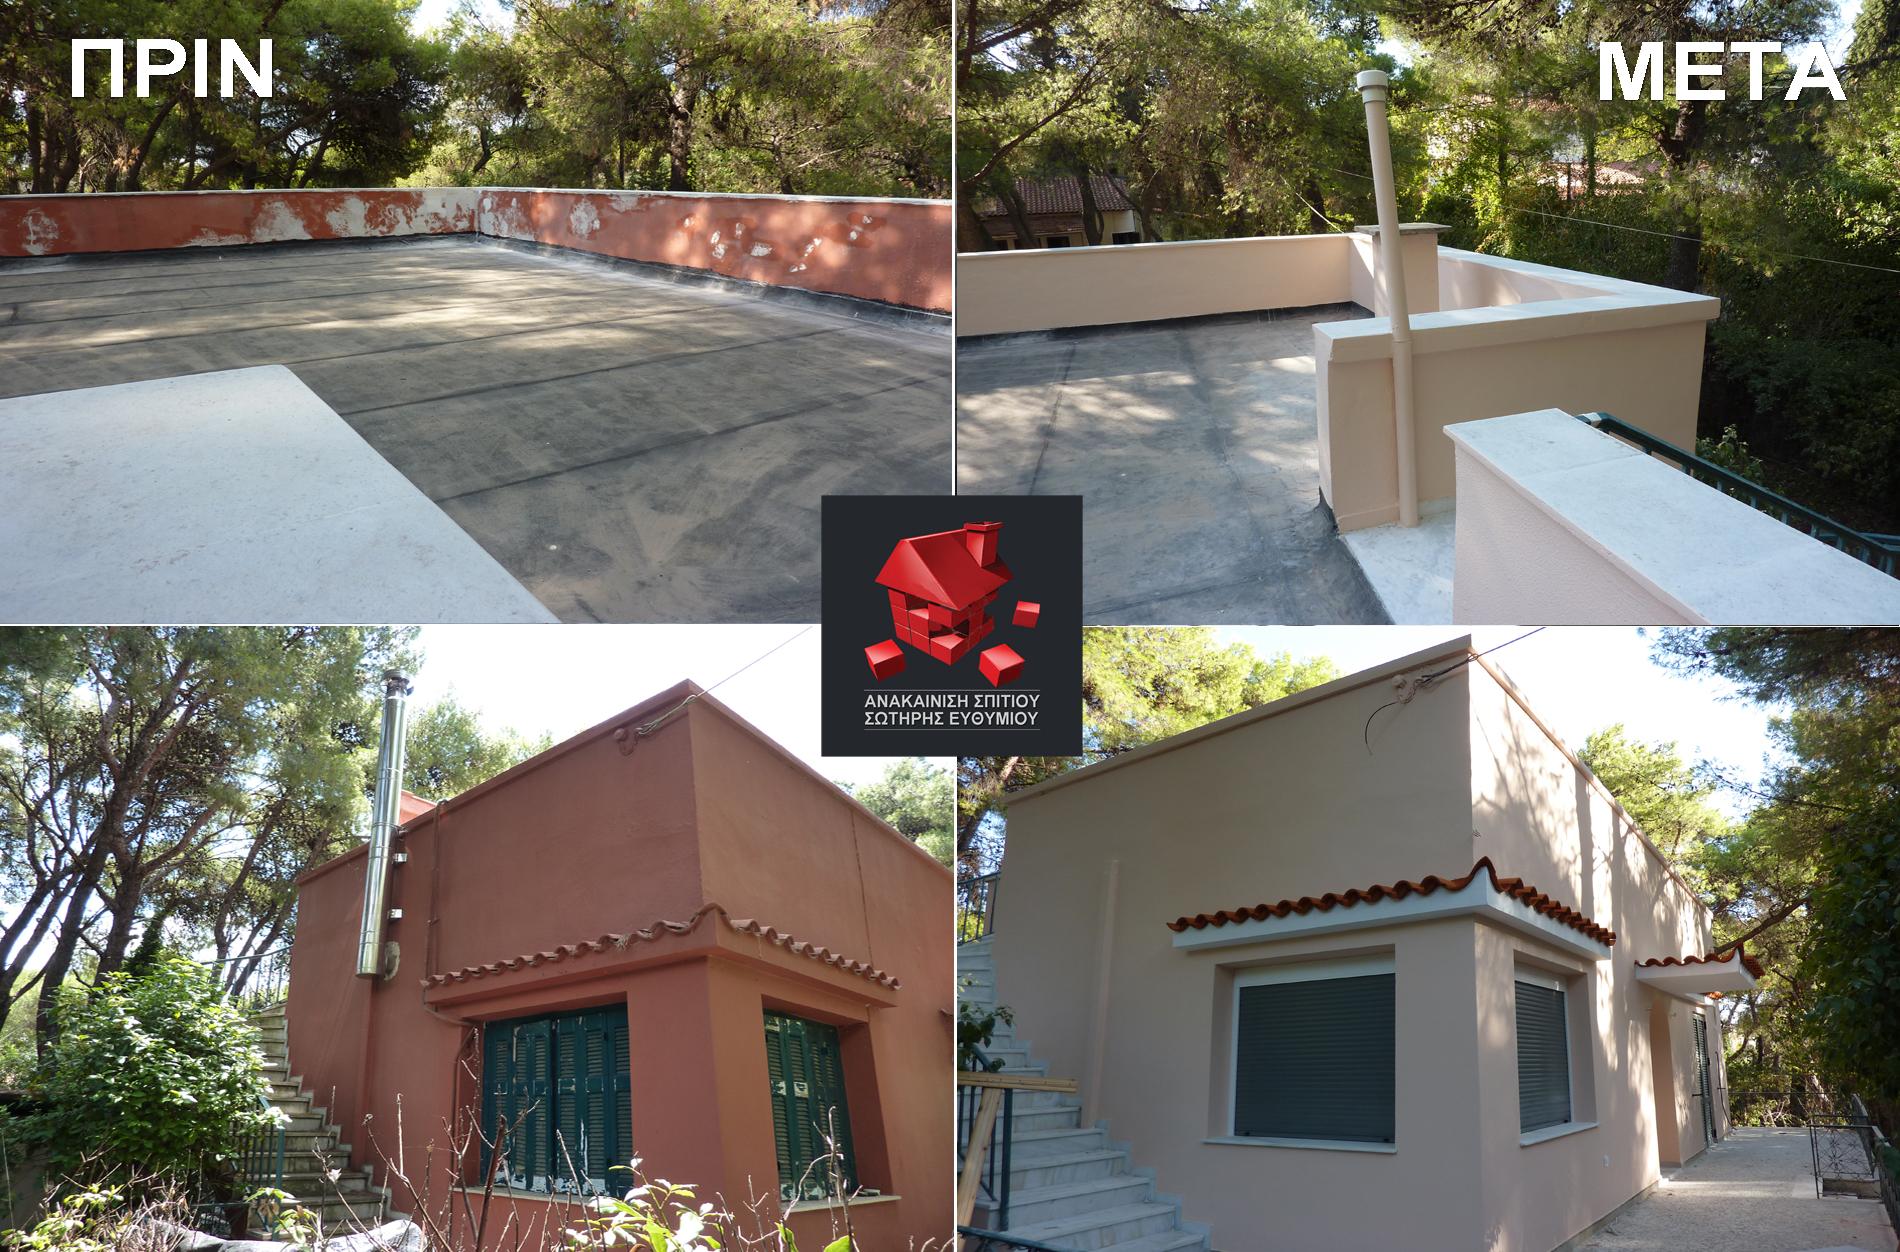 Εξωτερική ανακαίνιση σπιτιού Βαρυμπόμπη πριν και μετα